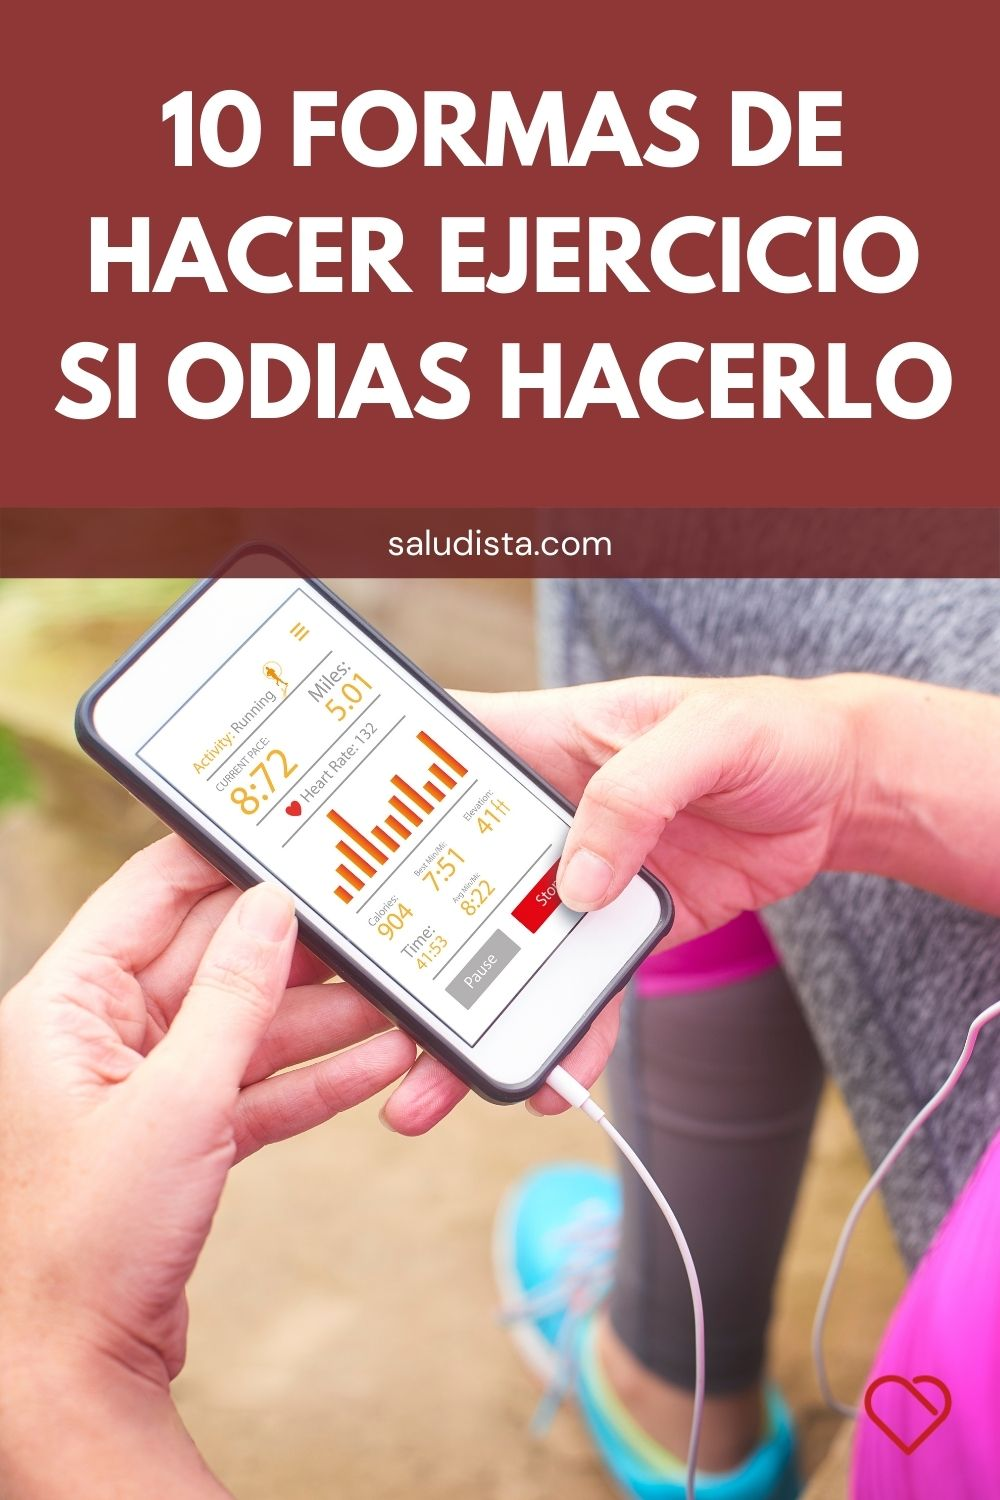 10 formas de hacer ejercicio si odias hacerlo